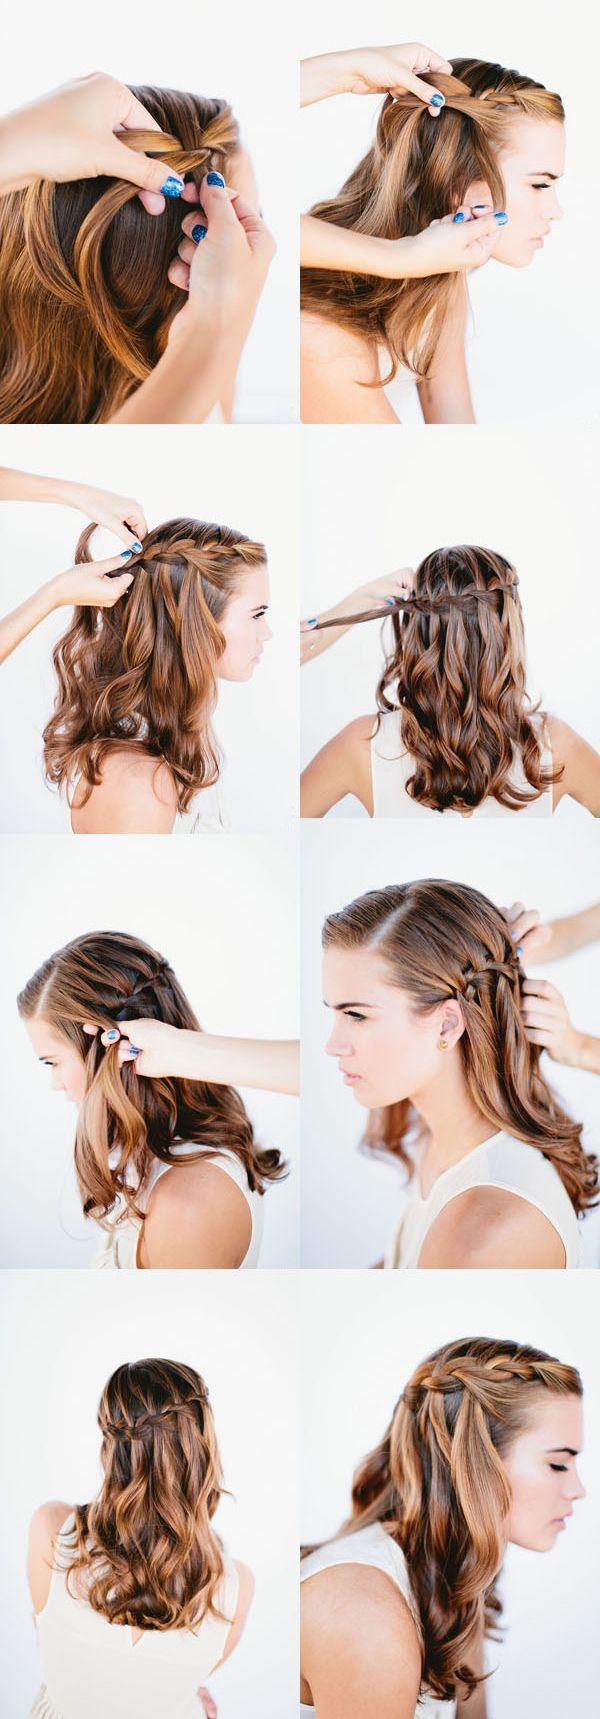 225 best DIY HAIR STYLES images on Pinterest | Hairstyles, Diy hair ...